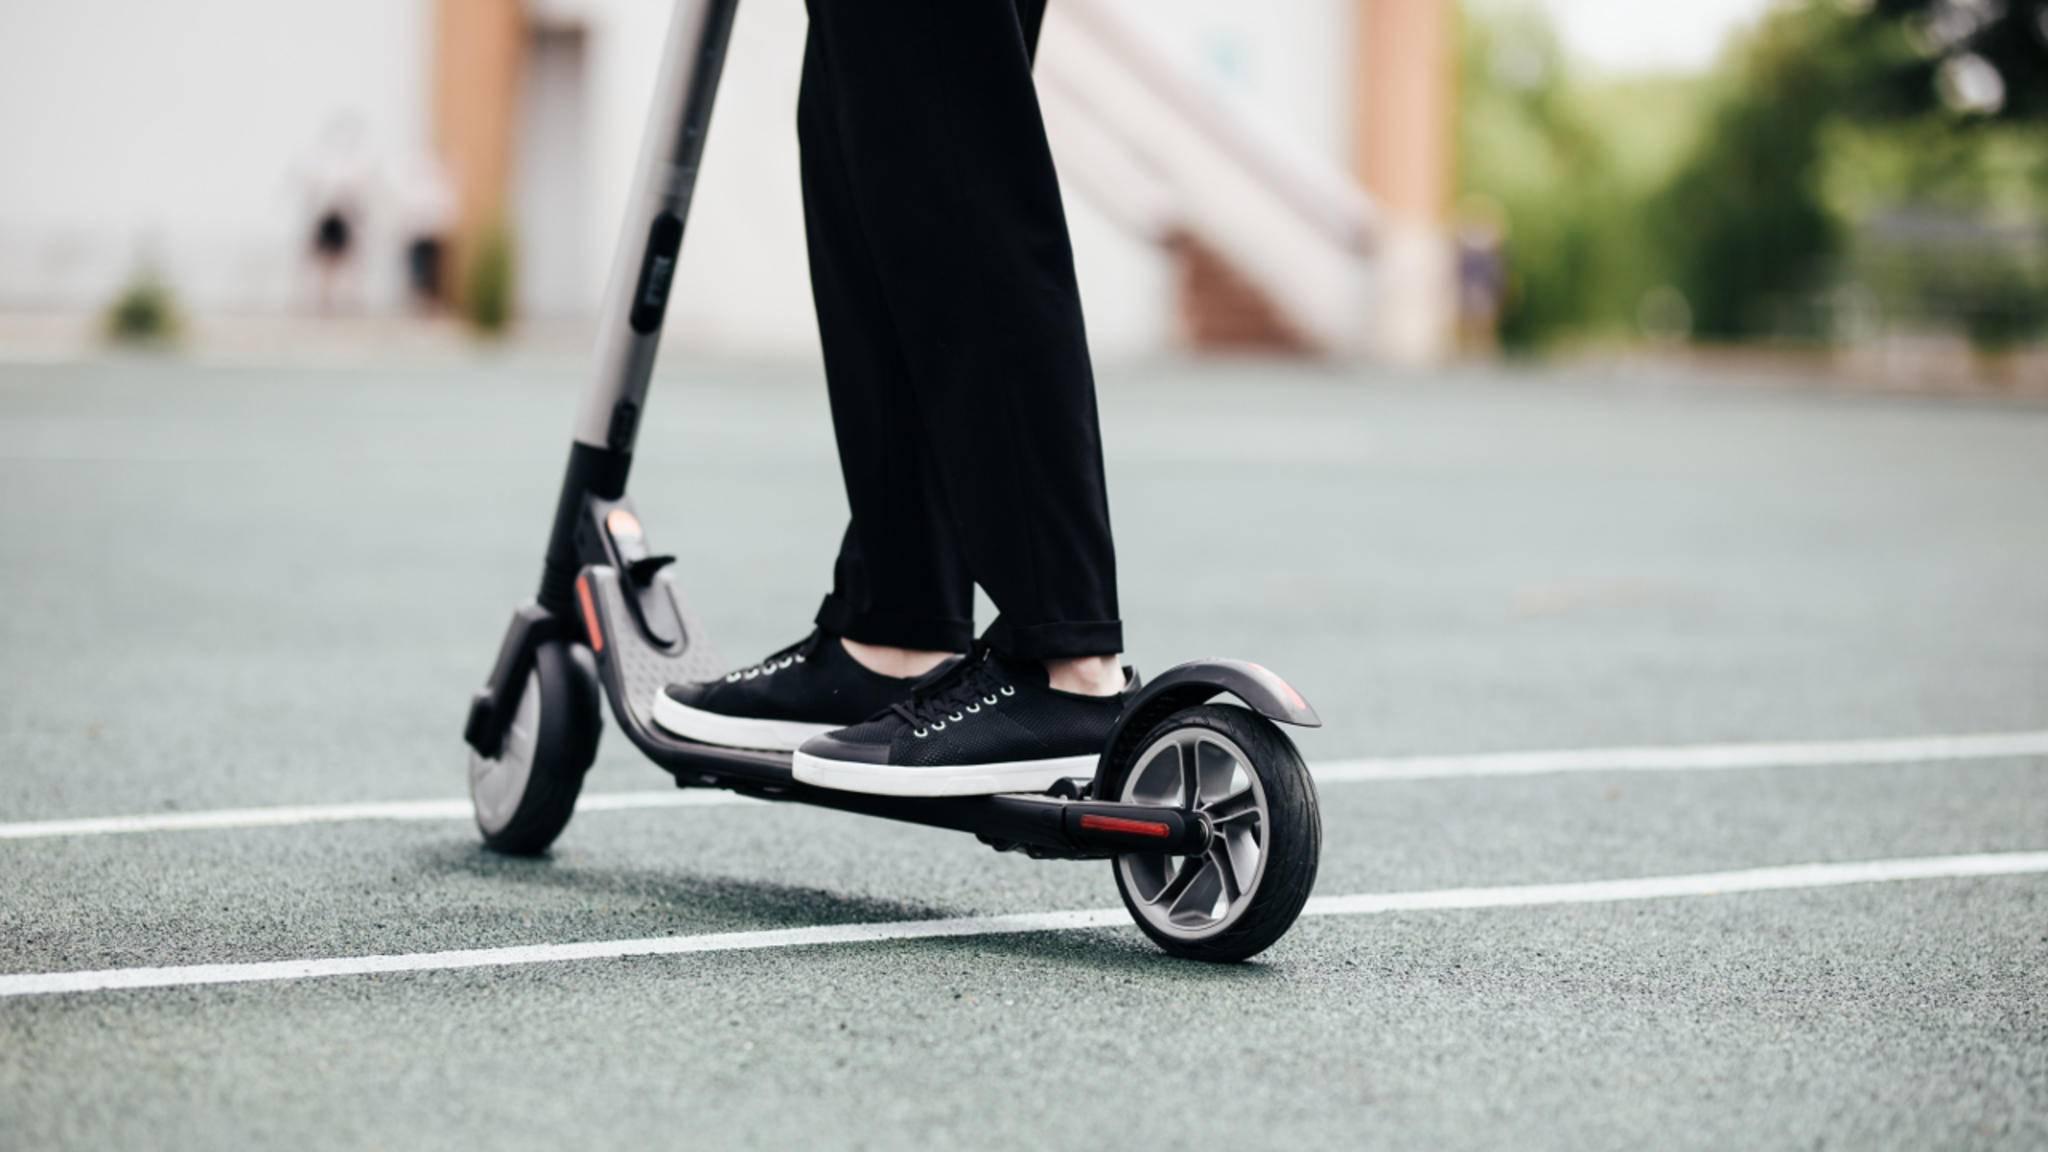 Du willst Dir einen E-Scooter zulegen? Wir haben uns sieben interessante Modelle etwas genauer angeschaut.